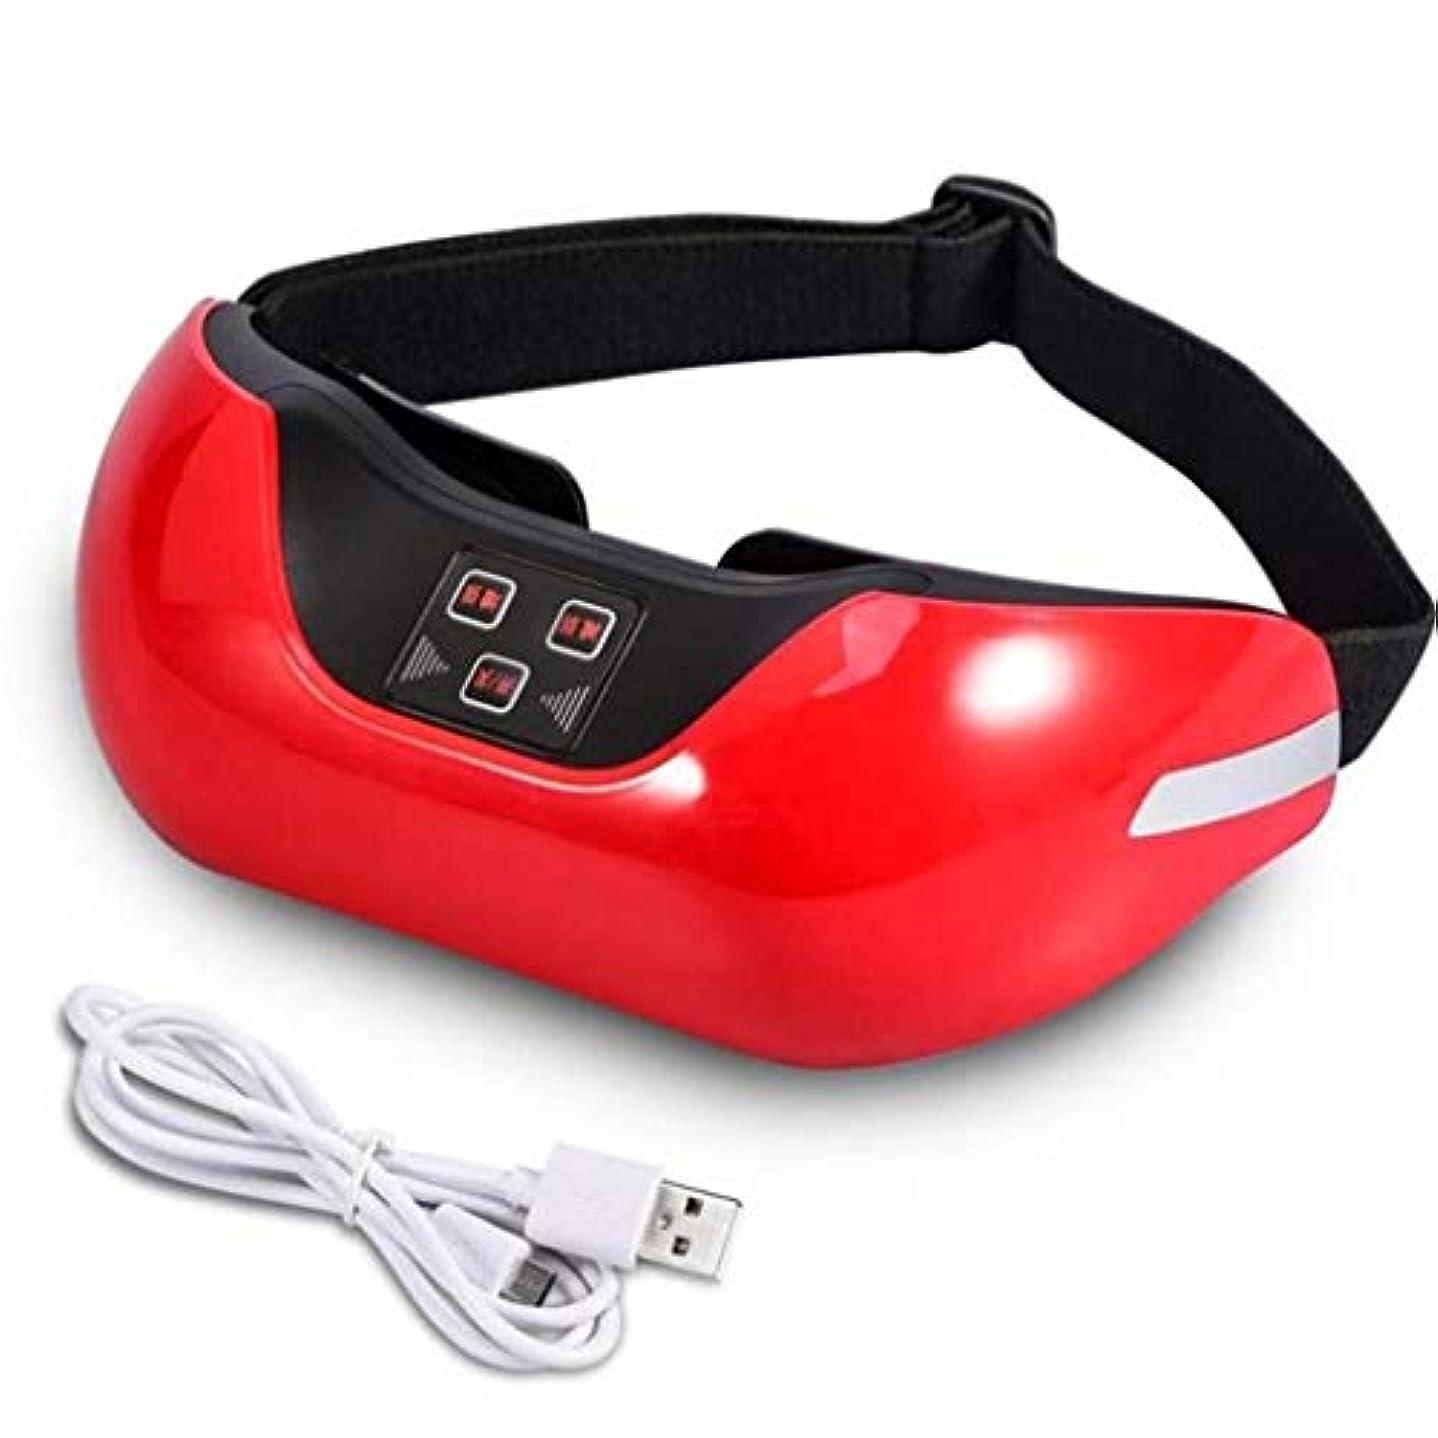 ジーンズ言い聞かせるボスアイマッサージャー、ワイヤレス3D充電式グリーンアイリカバリービジョン電動マッサージャー、修復ビジョンマッサージャー、アイケアツールは血液循環を促進し、疲労を和らげます (Color : Red)